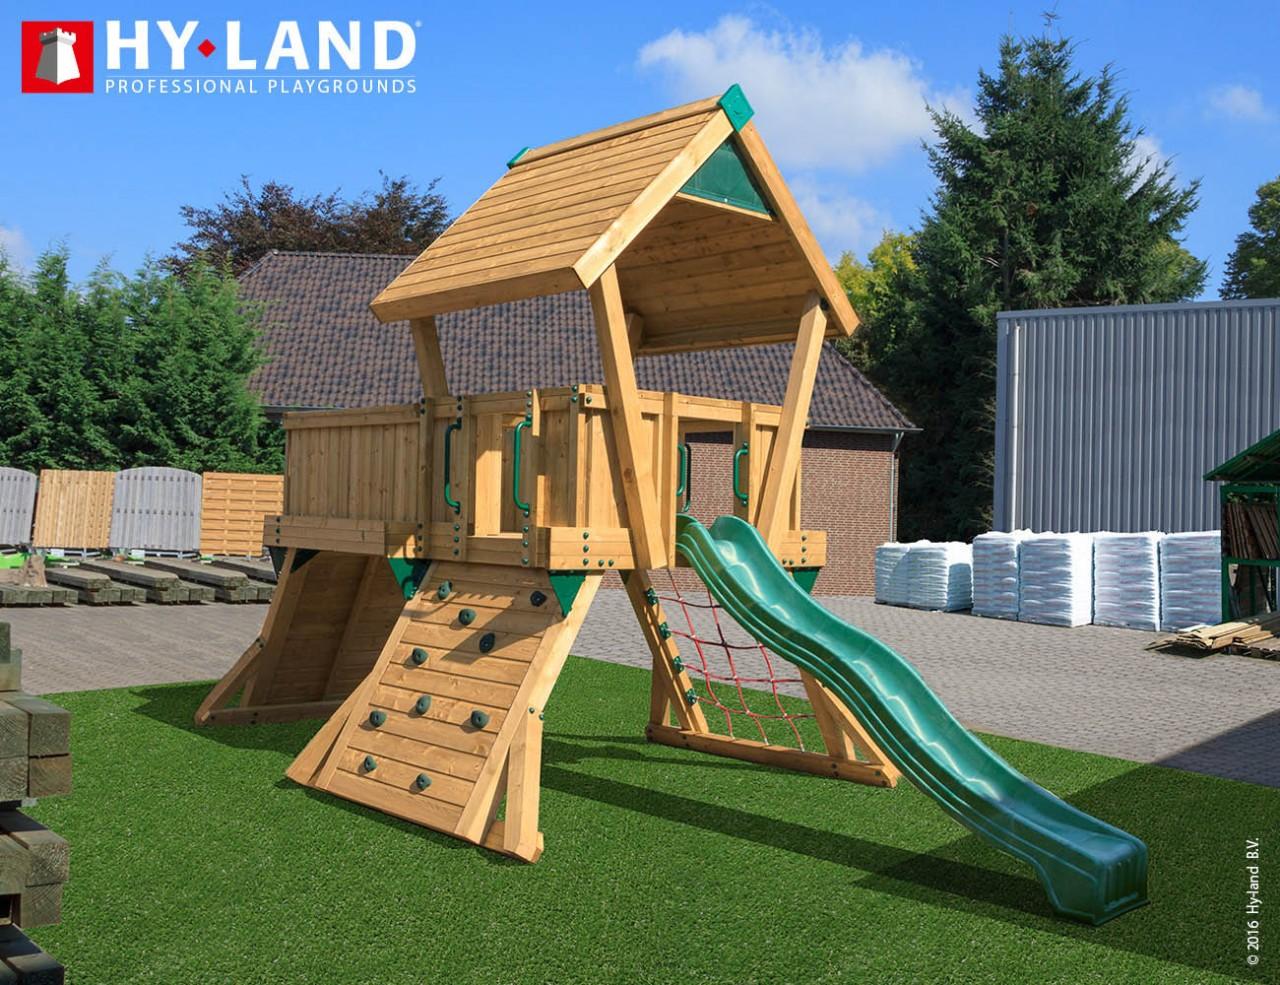 Spielturm Hy-Land Q3 in Douglasie